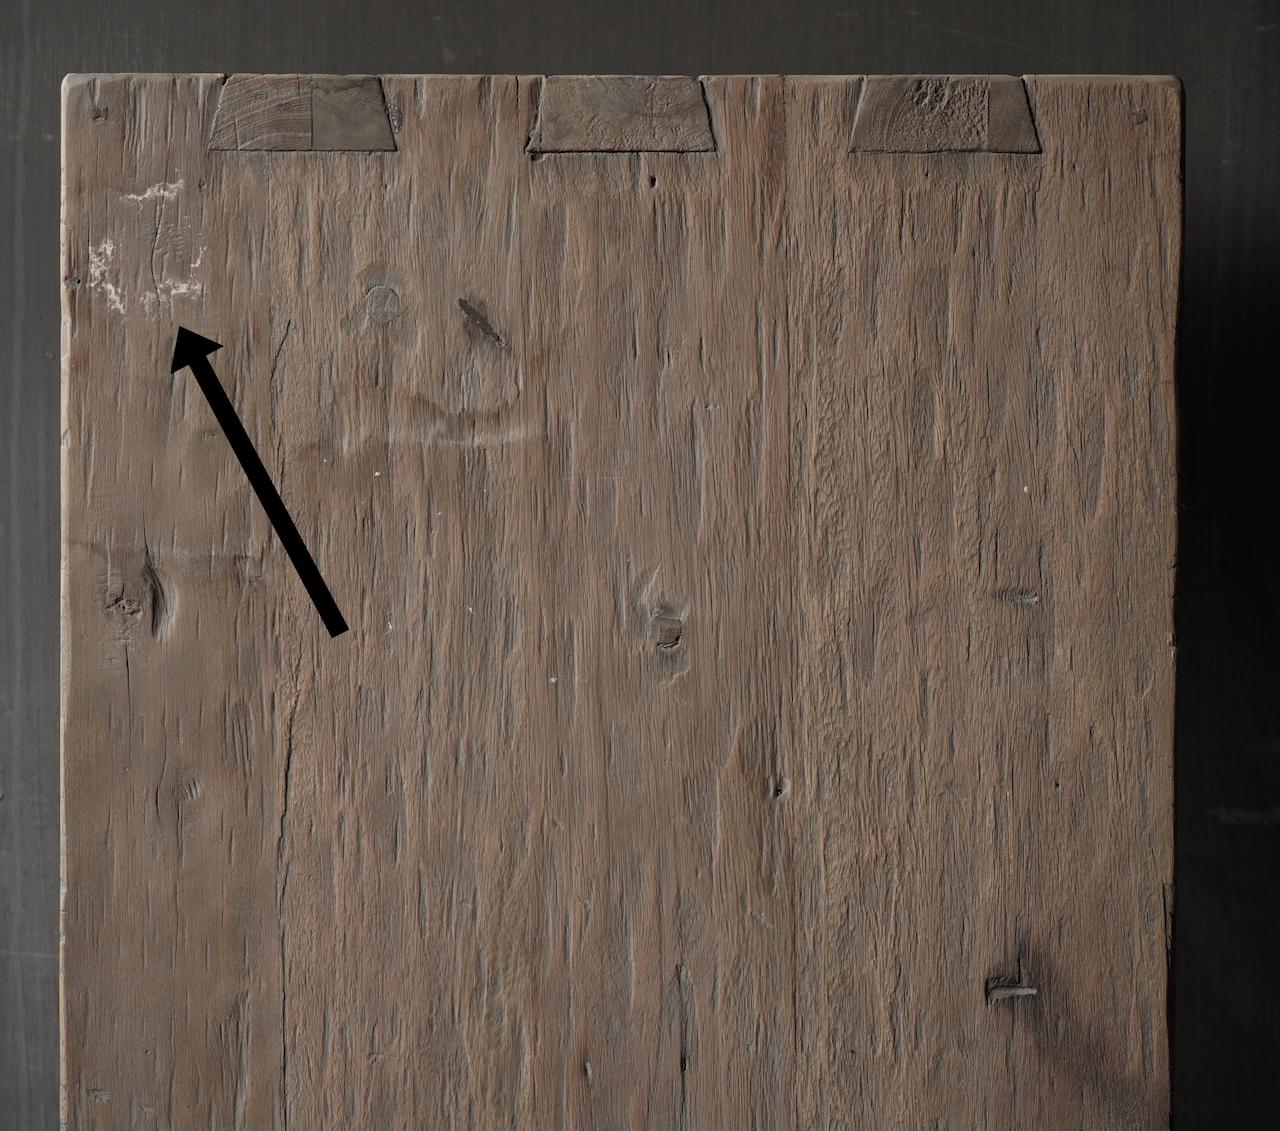 Salontafel van oud hout gemaakt-4